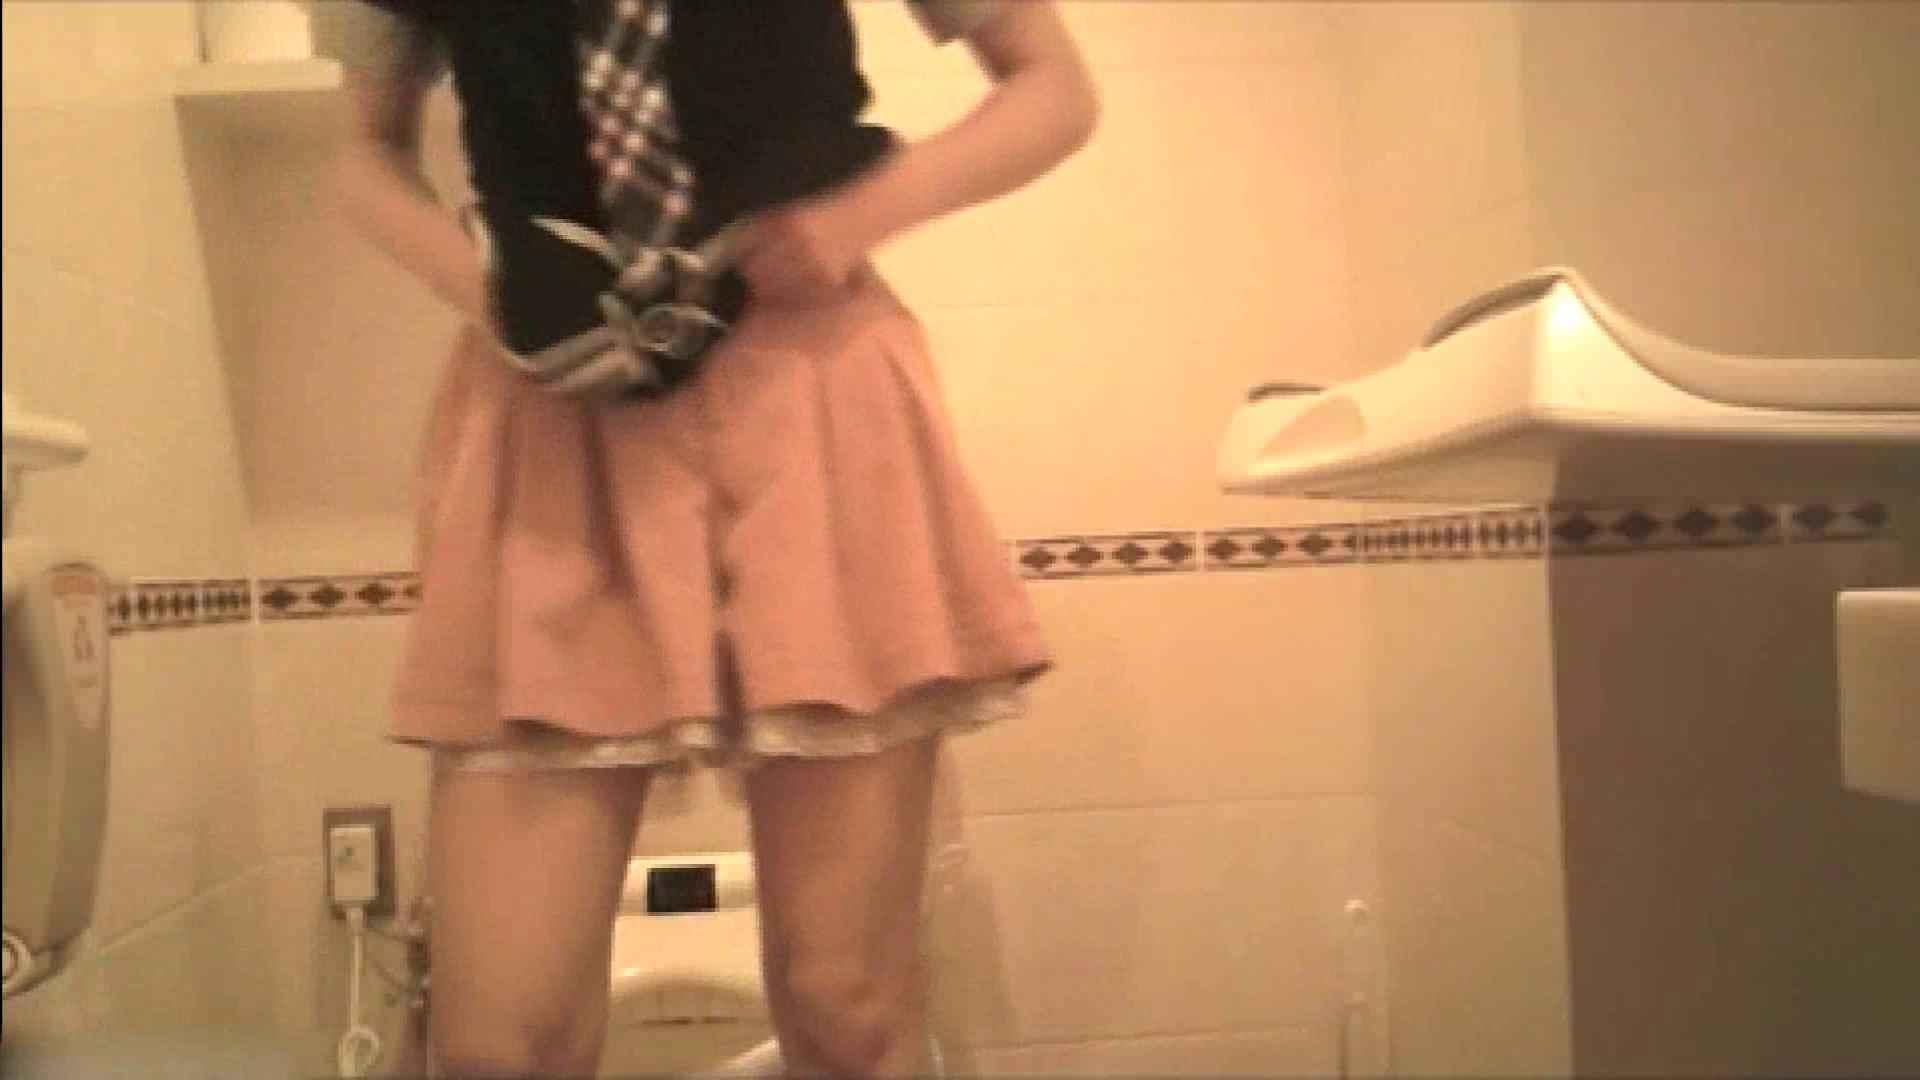 実録!!綺麗なお姉さんのトイレ事情・・・。vol.19 独身エッチOL   お姉さんの女体  22pic 1